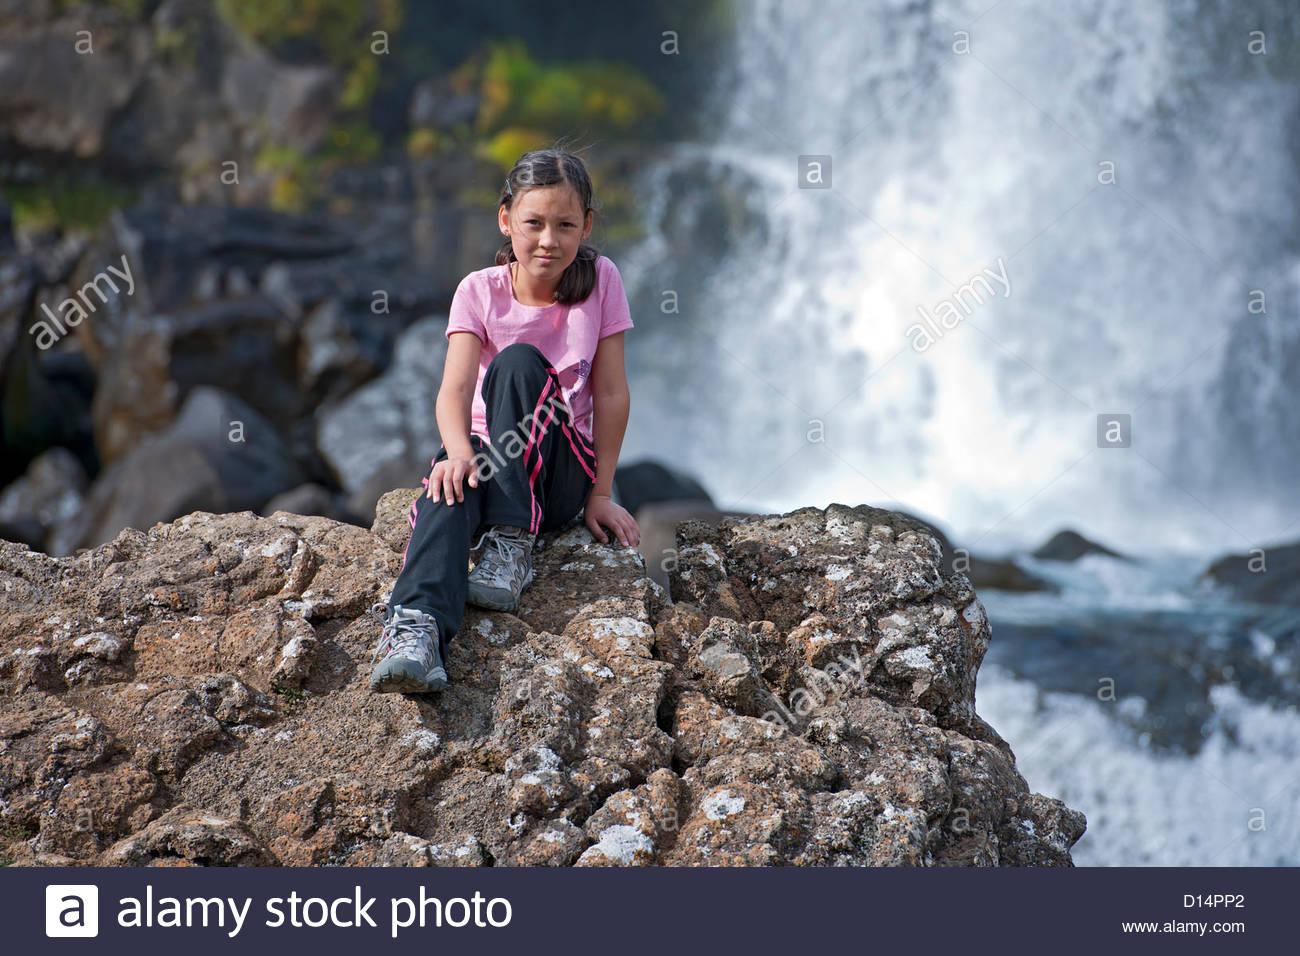 Girls waterfall pics 48